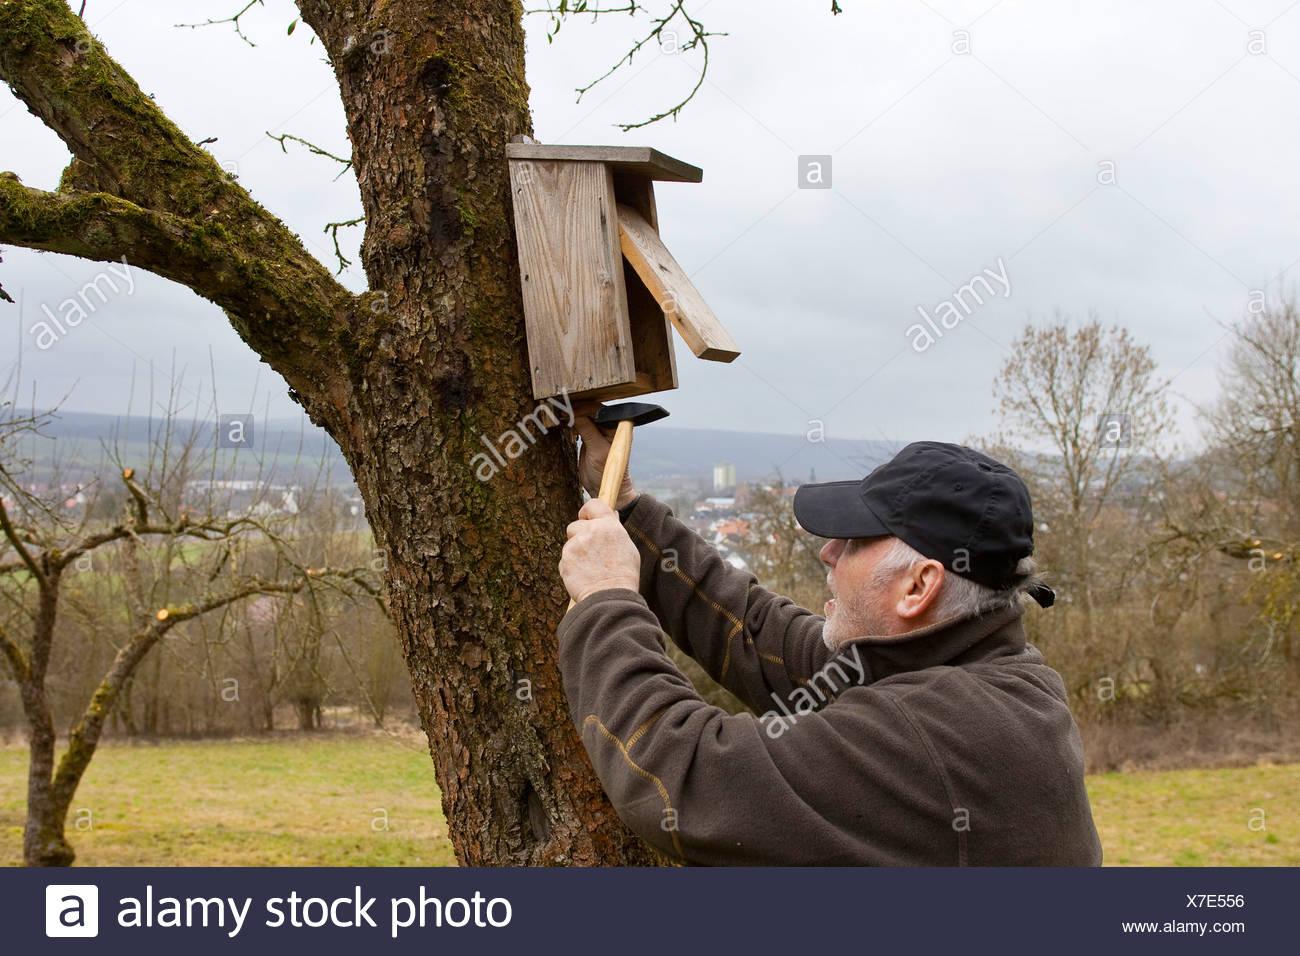 Alter Mann passend Nistkasten am Stamm des Baumes Frucht, Deutschland Stockbild